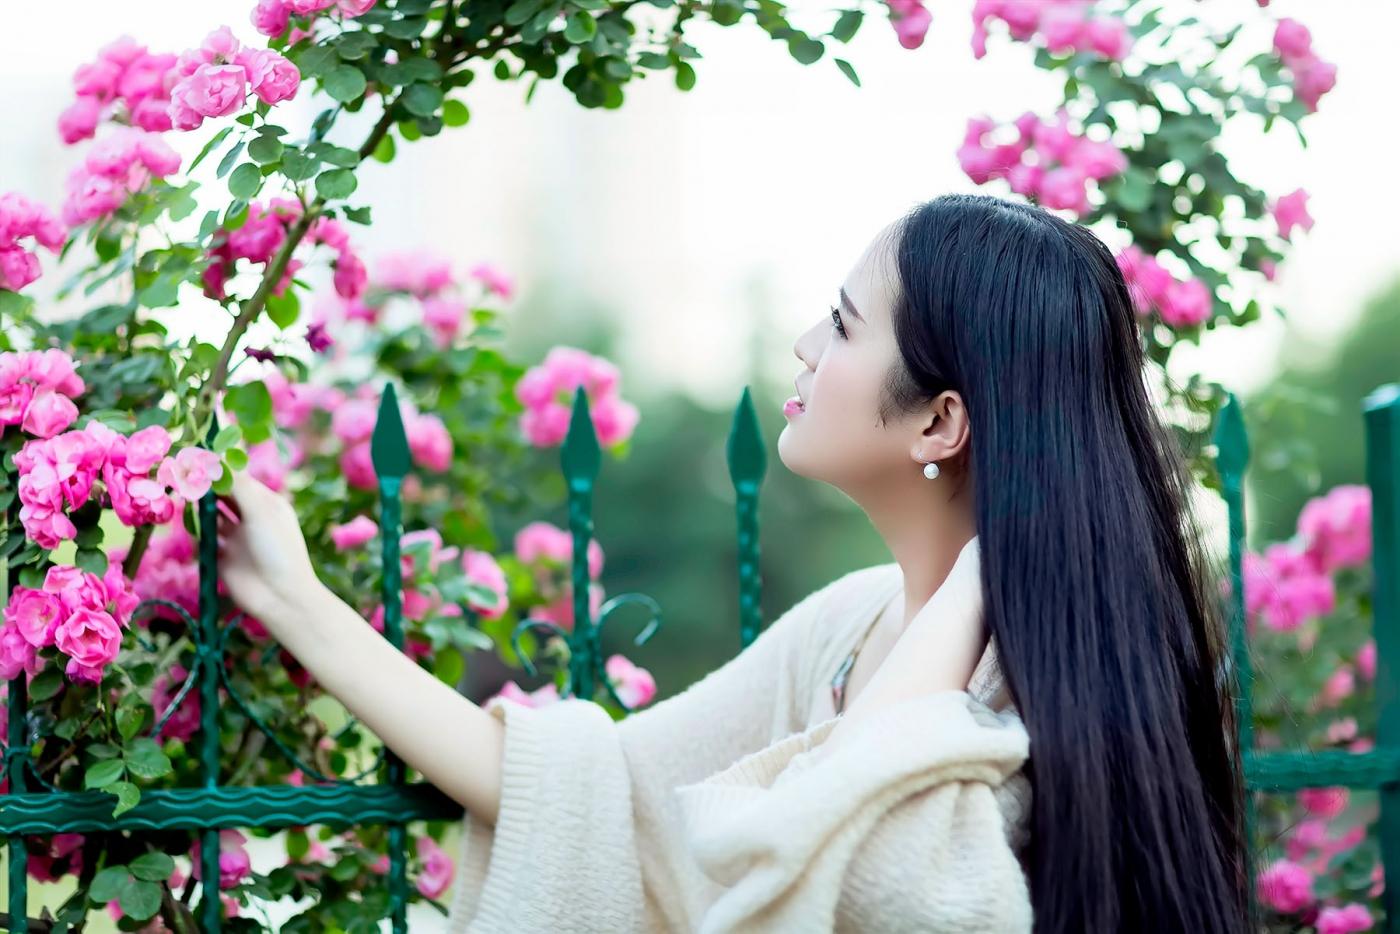 蔷薇·阳光·女孩 去见你想见的人吧_图1-10